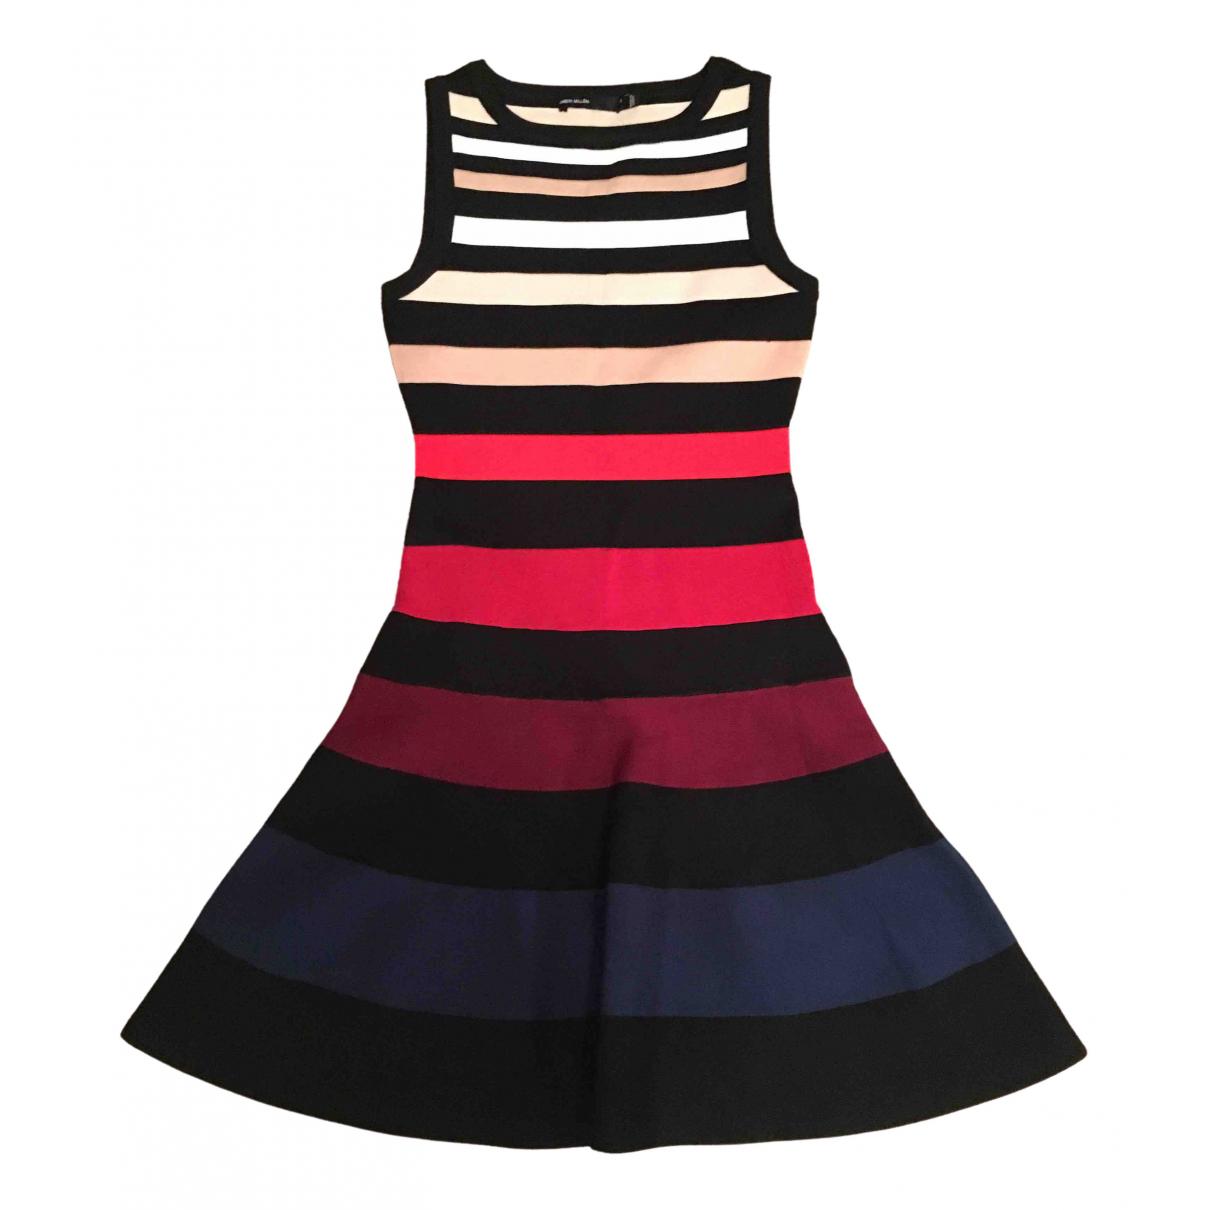 Karen Millen N Multicolour dress for Women S International